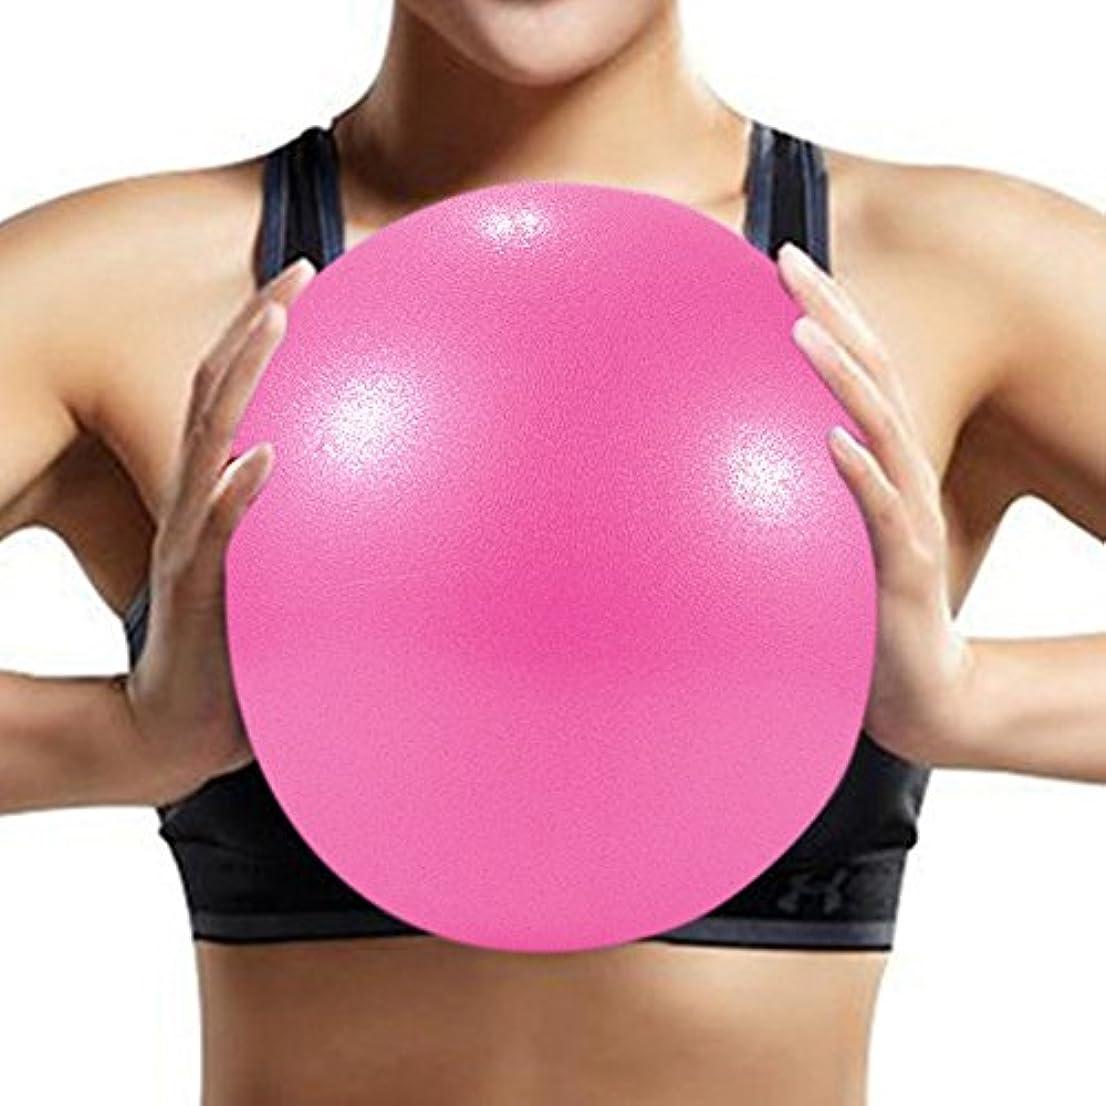 しつけホールド飛行場Refaxi ピンクヨガマッサージボール25cmエクササイズピラティスバランス体操練習フィットネスボール